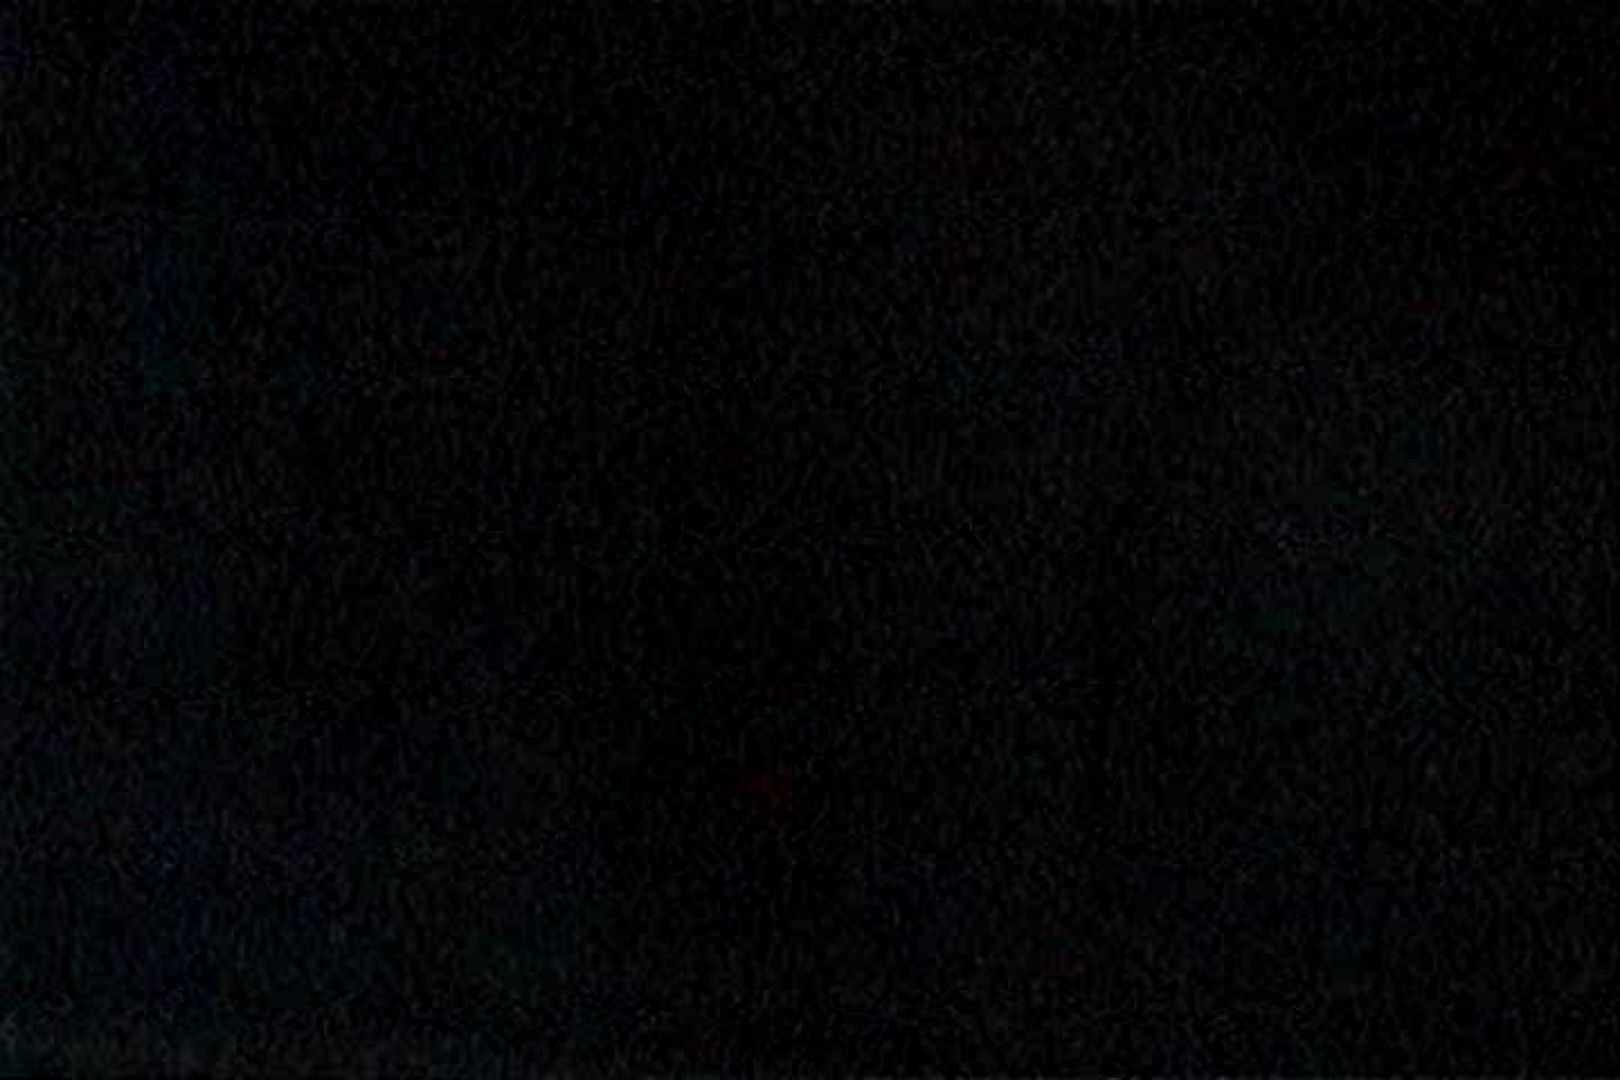 充血監督の深夜の運動会Vol.139 おっぱい   カーセックス  92pic 81